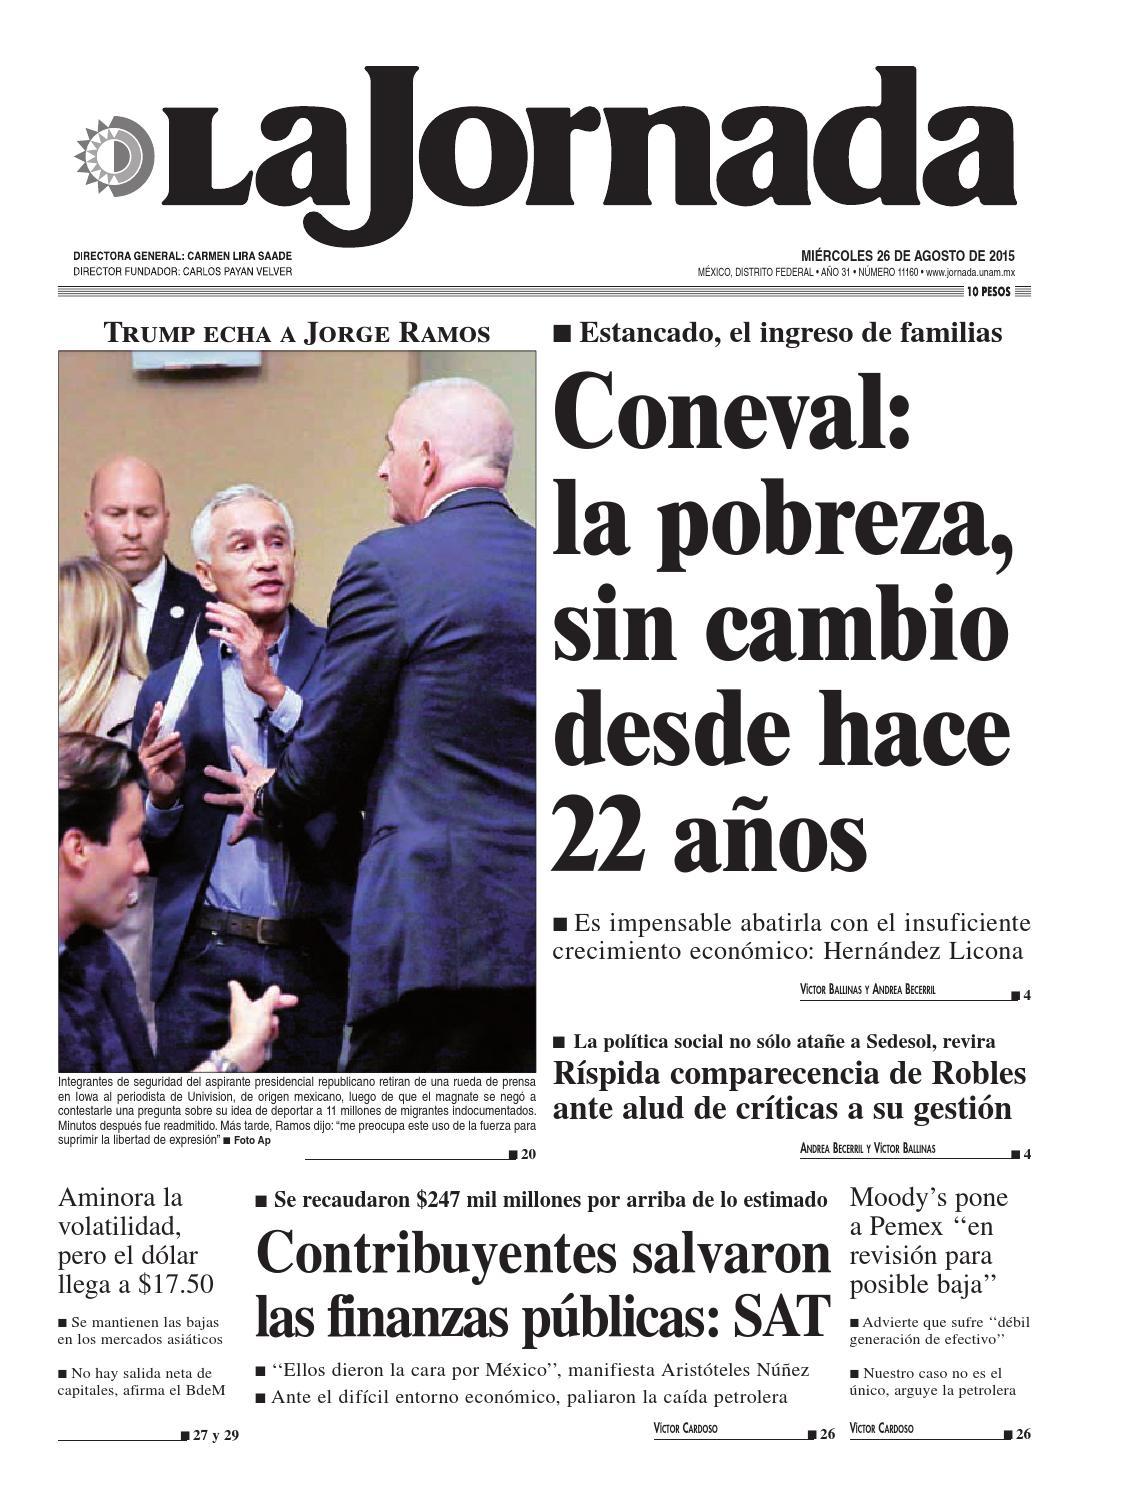 La Jornada 08262015 By La Jornada Issuu